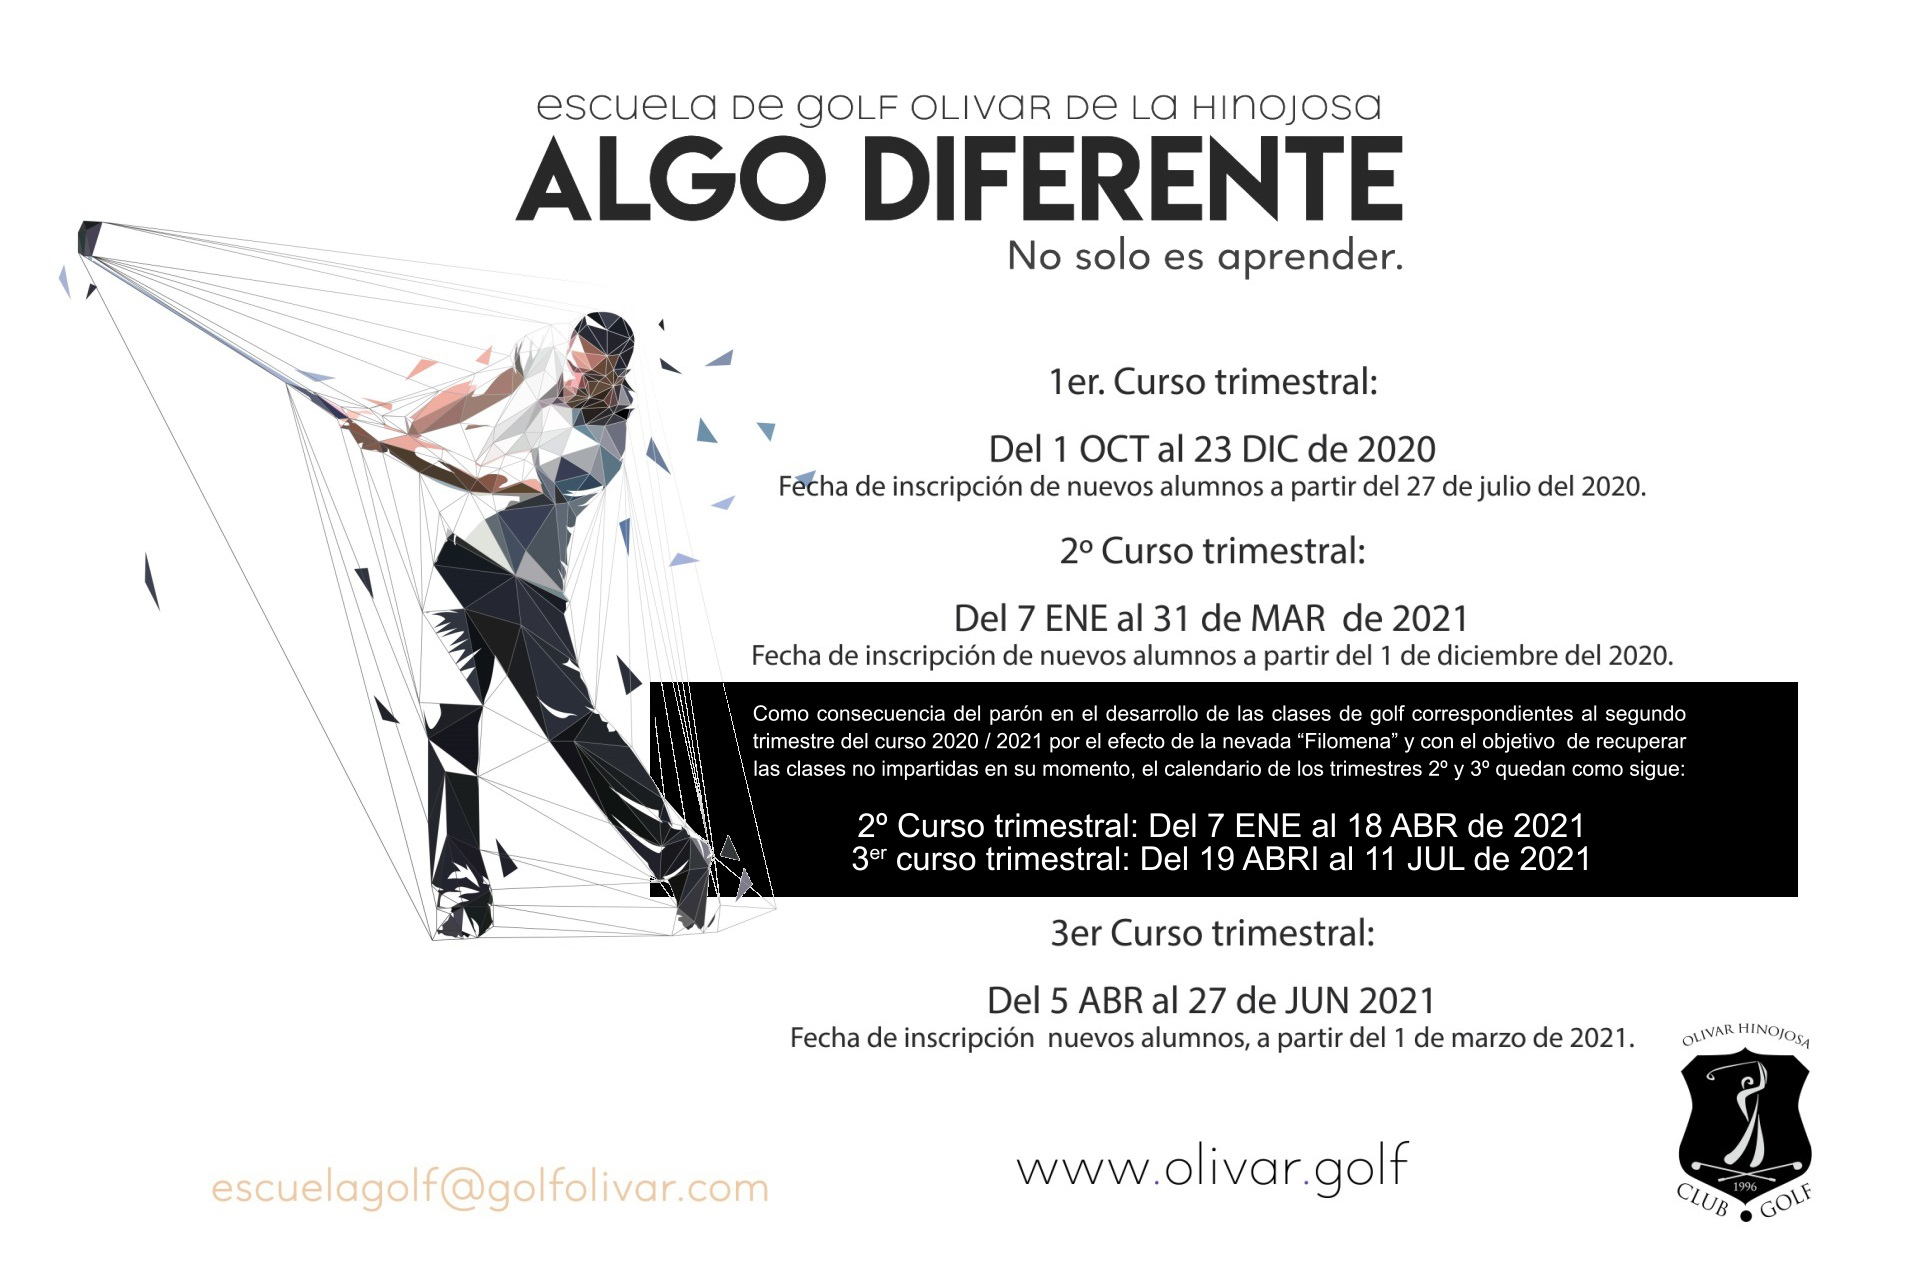 Cursos-Trimestrales-Sept-2020-Escuela-de-Golf-Olivar-de-la-Hinojosa-Madrid-Joaquin-Molpeceres-2c